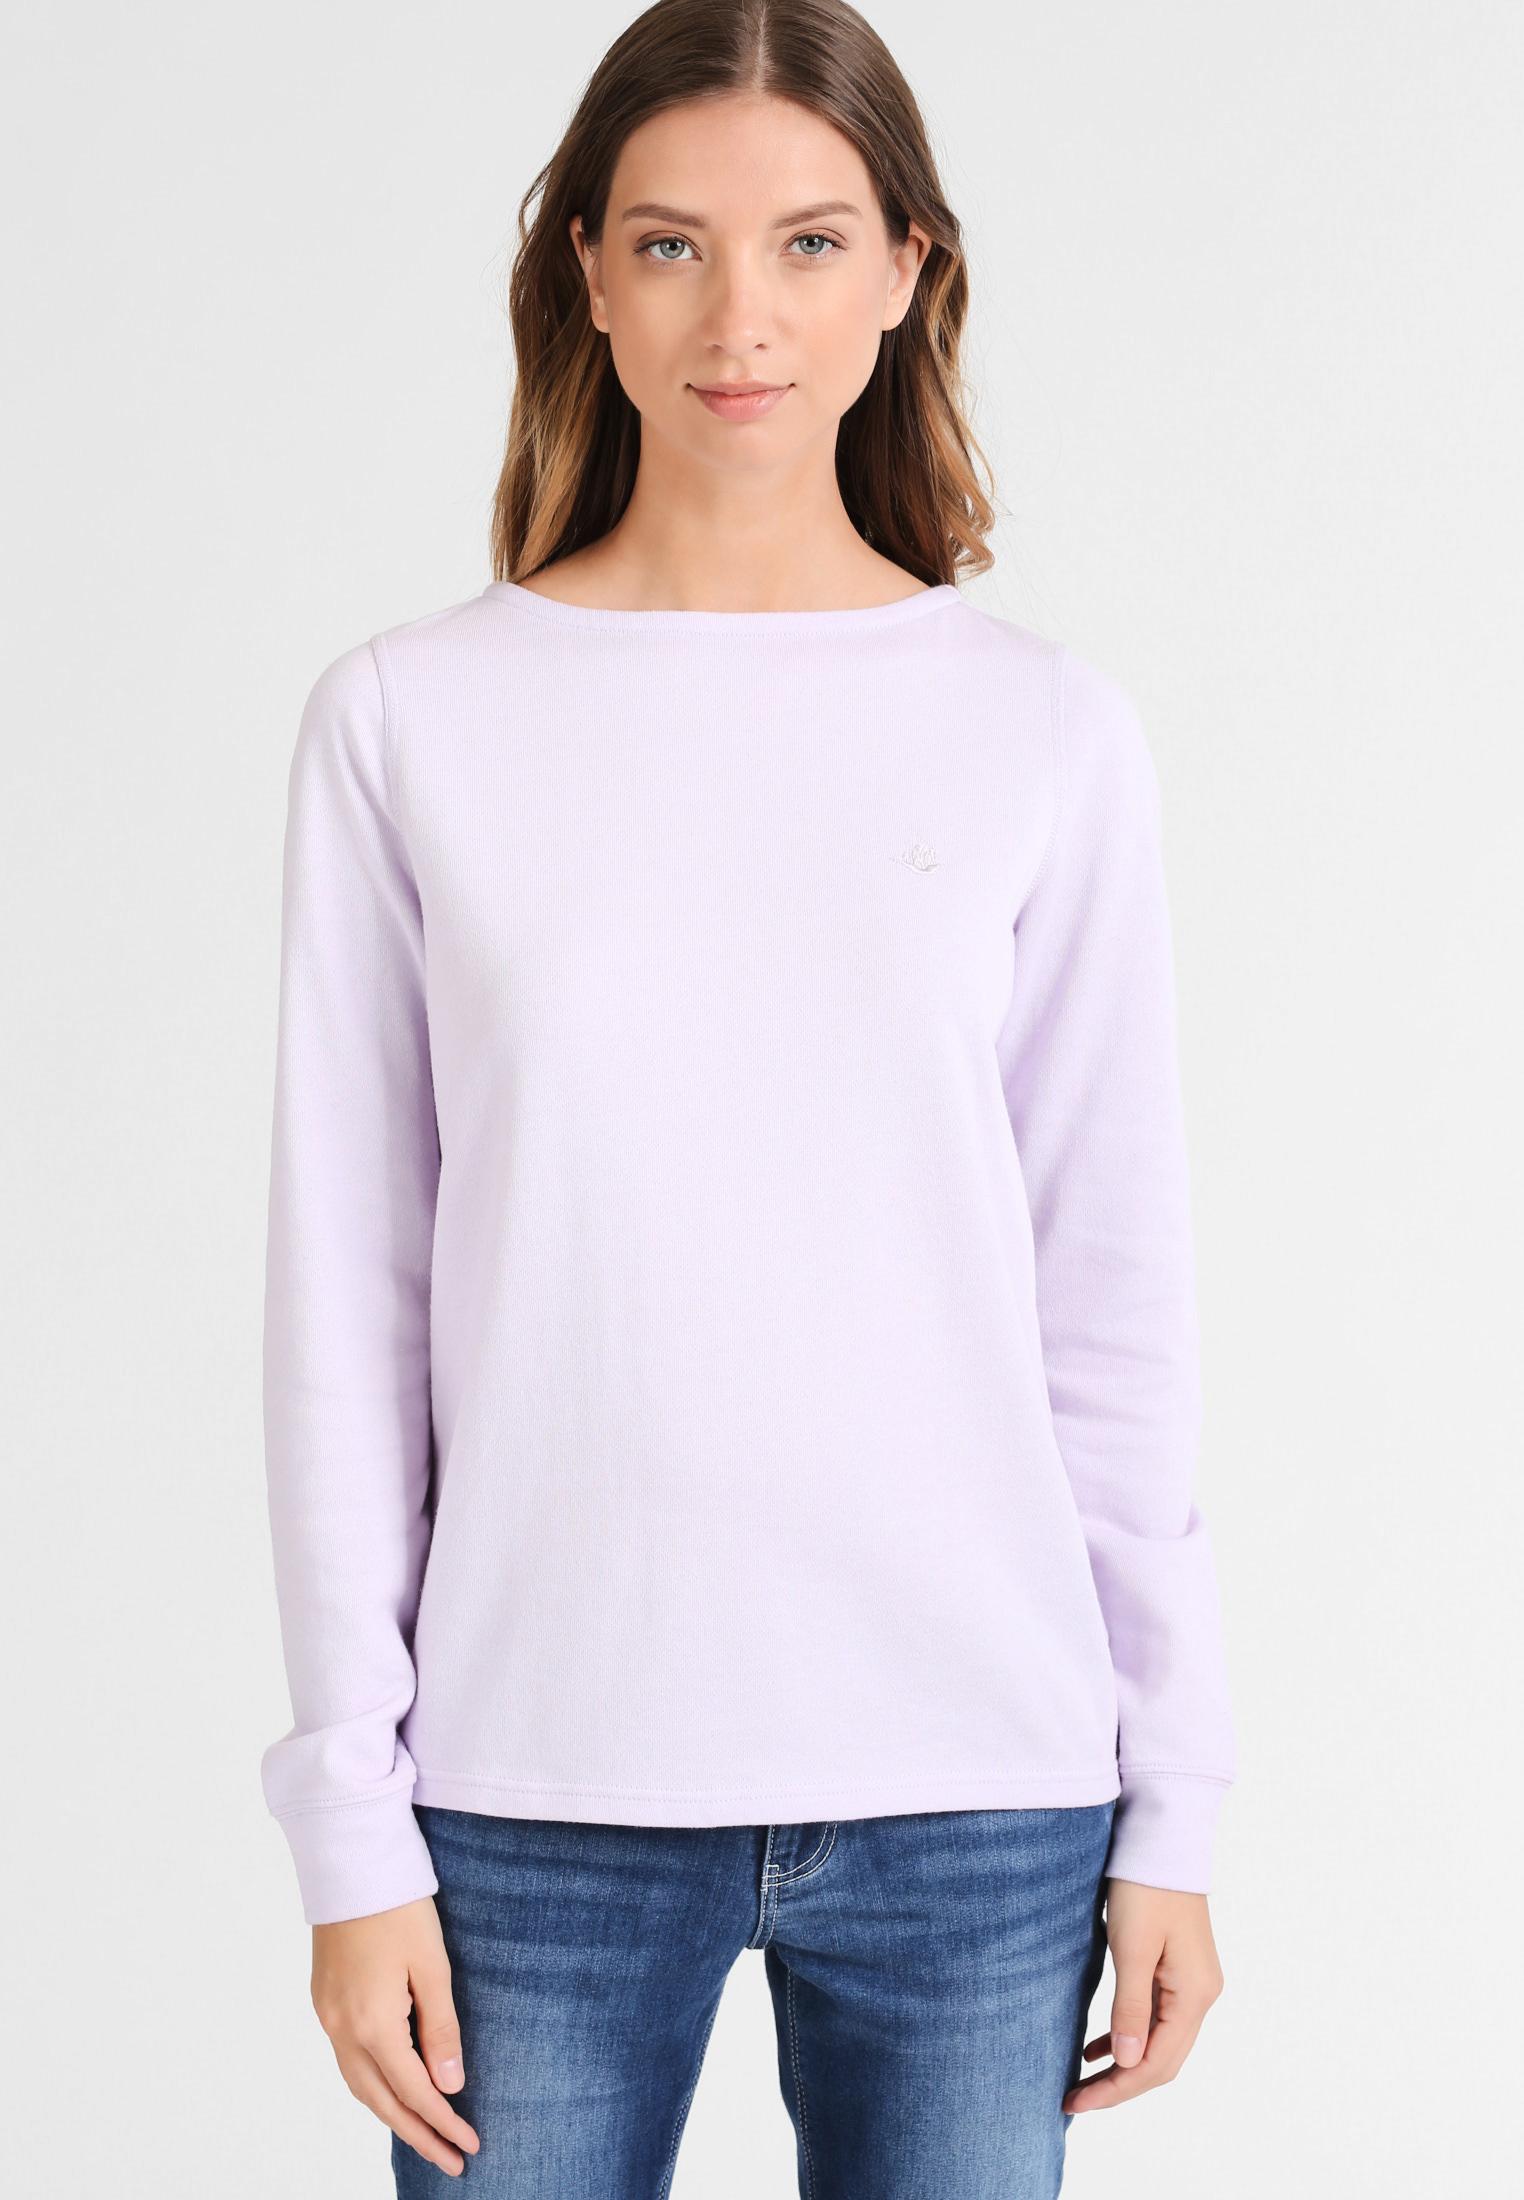 DreiMaster Damen Pullover in hellflieder günstig kaufen